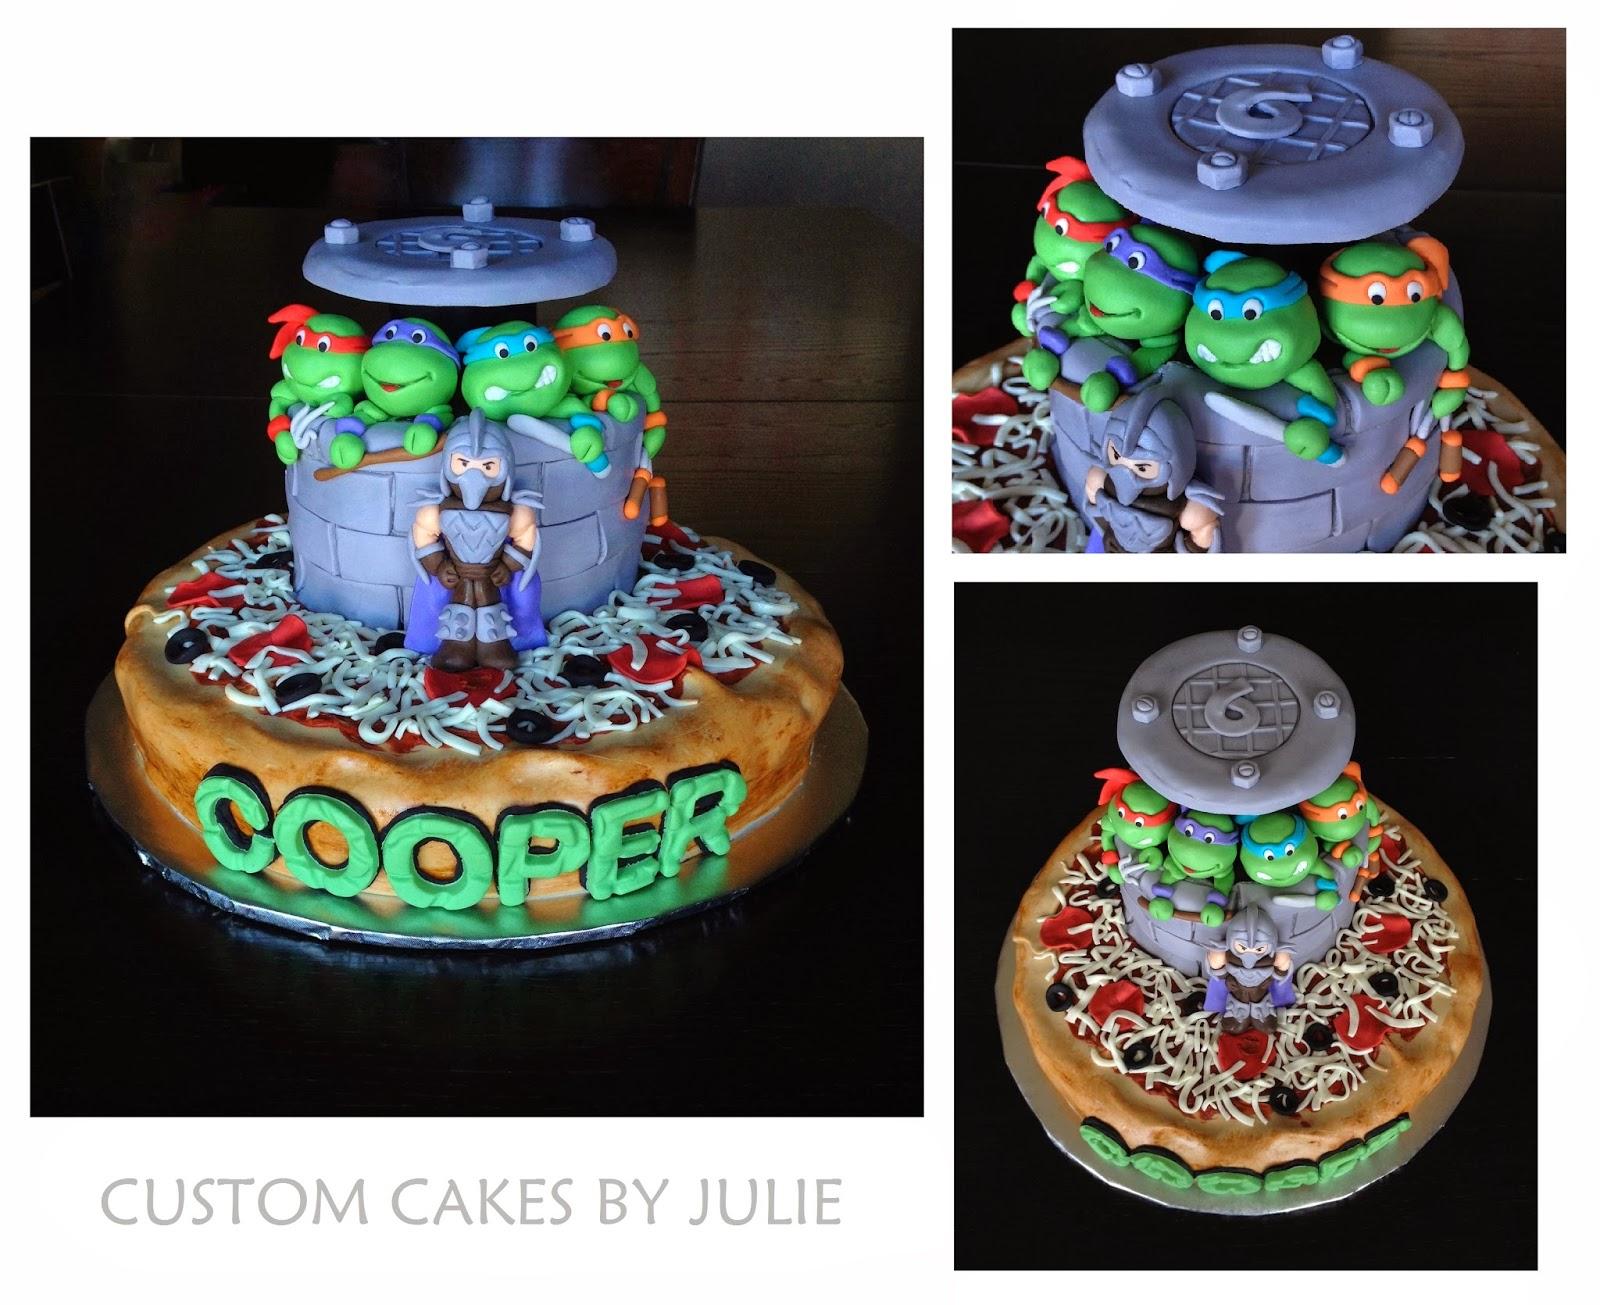 Custom Cakes by Julie Teenage Mutant Ninja Turtle Cake